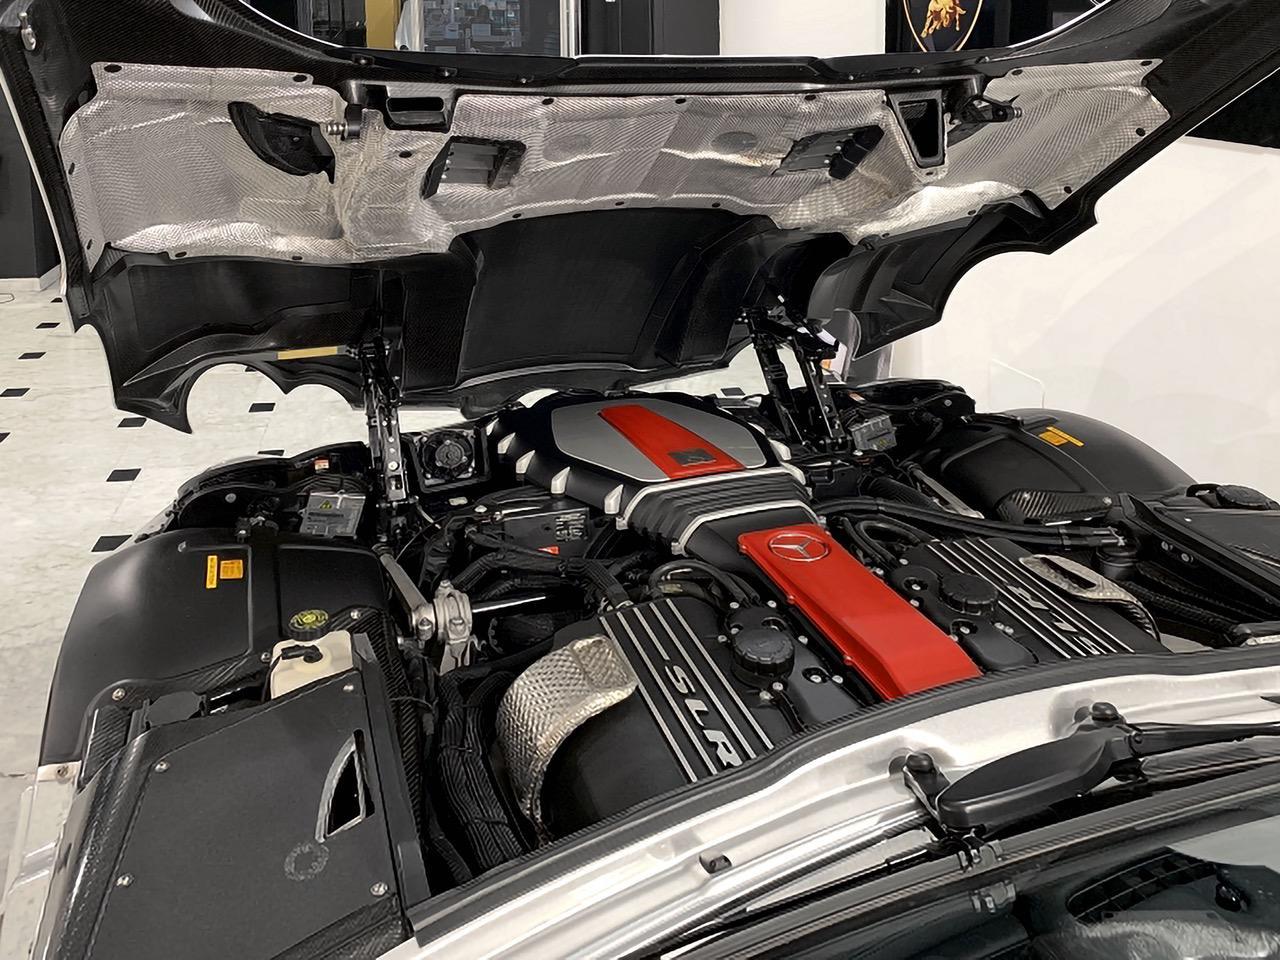 Mercedes-Benz-SLR-Roadster-55-AMG-9